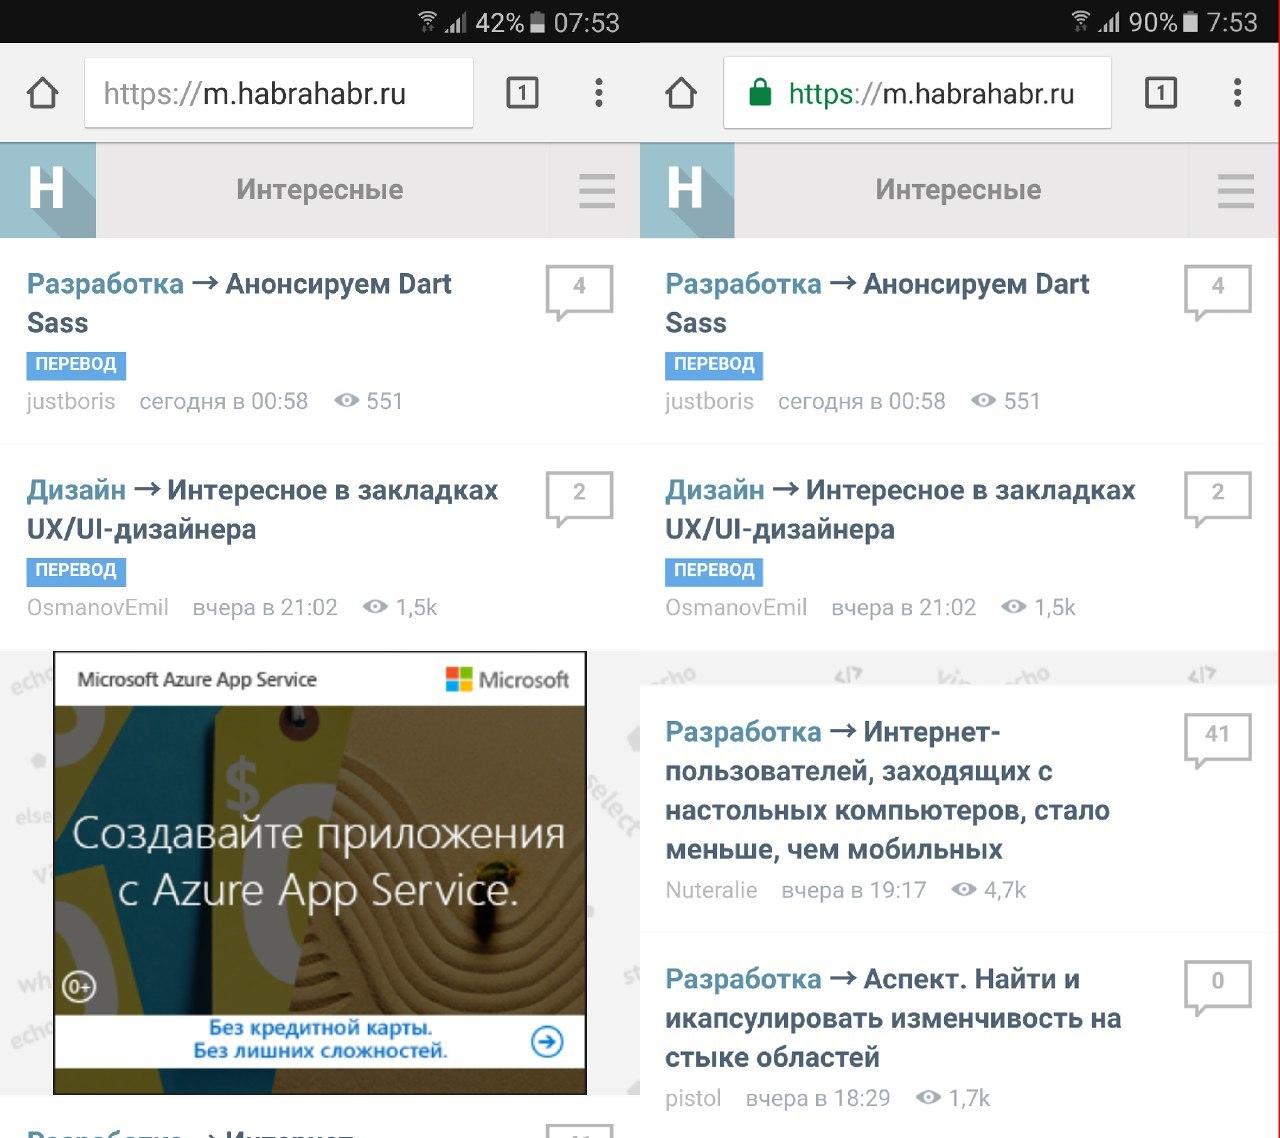 О том как я написал блокировщик рекламы и трекеров для смартфонов Samsung на Android. Adhell - 2